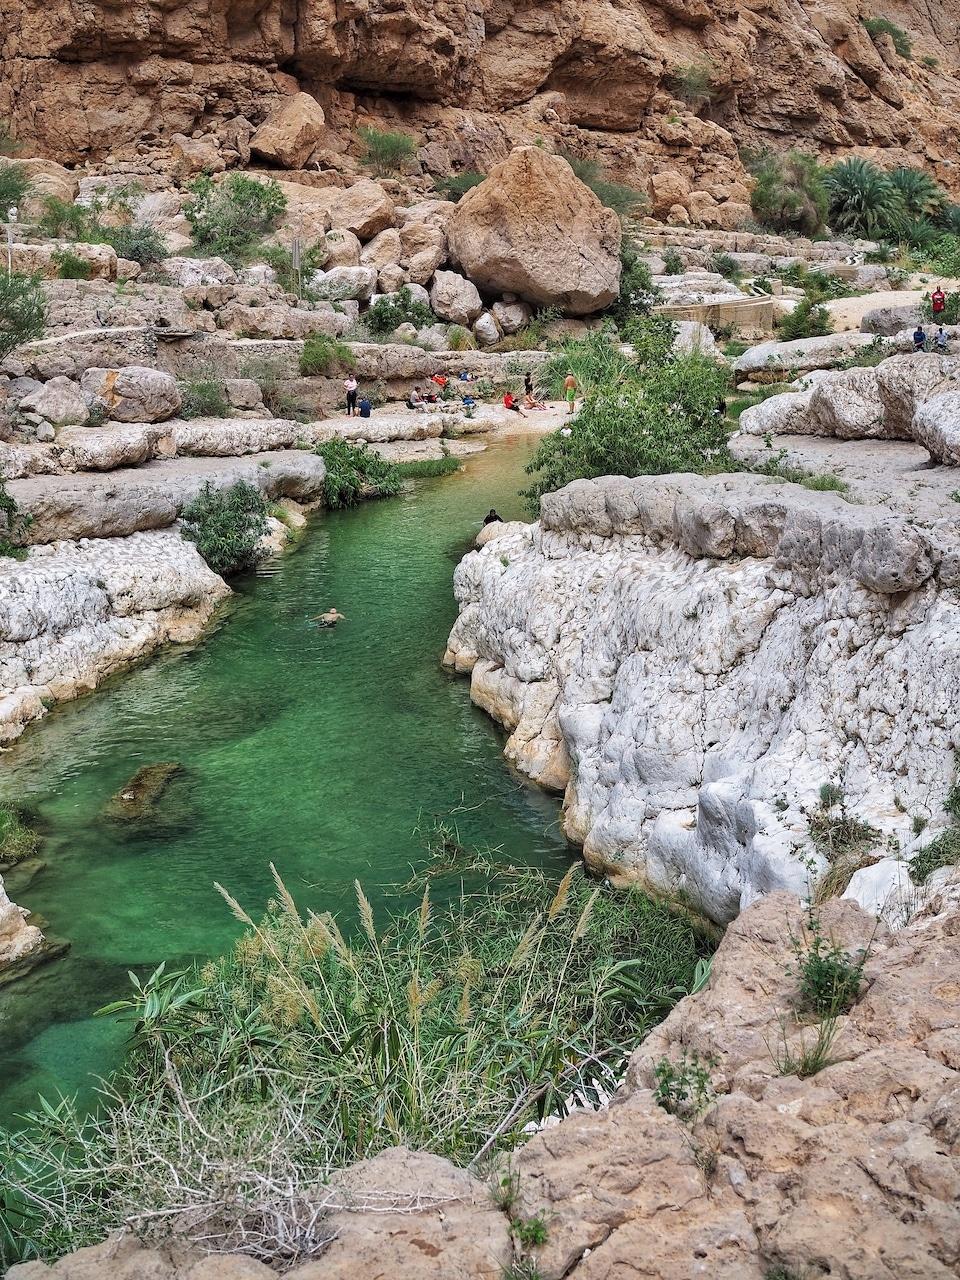 Rondreis door Oman - alle tips en dingen om te zien